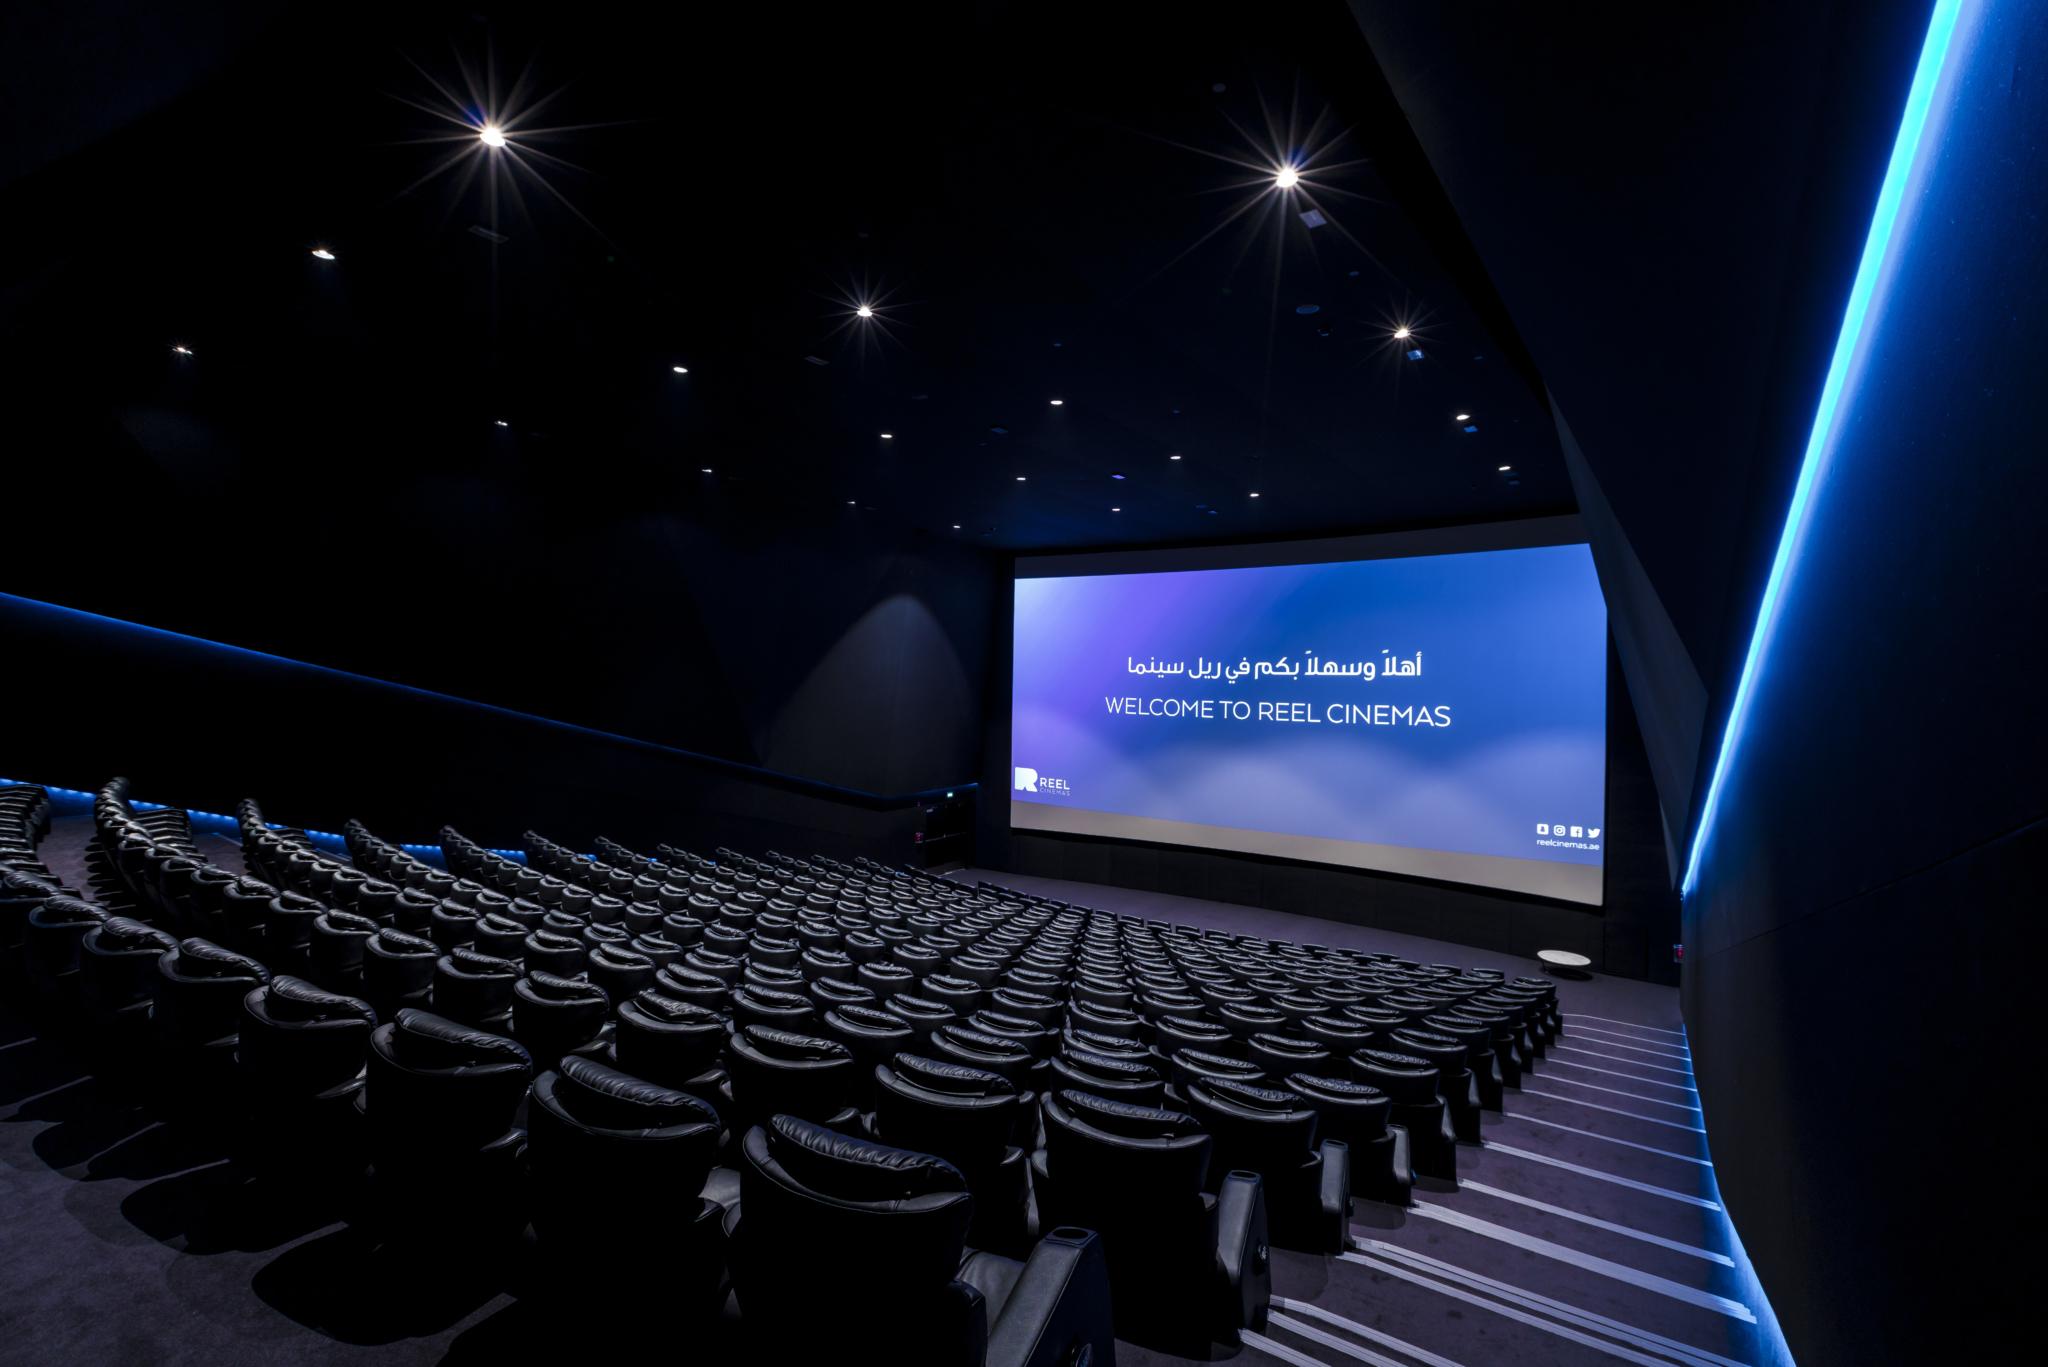 Reel Cinema